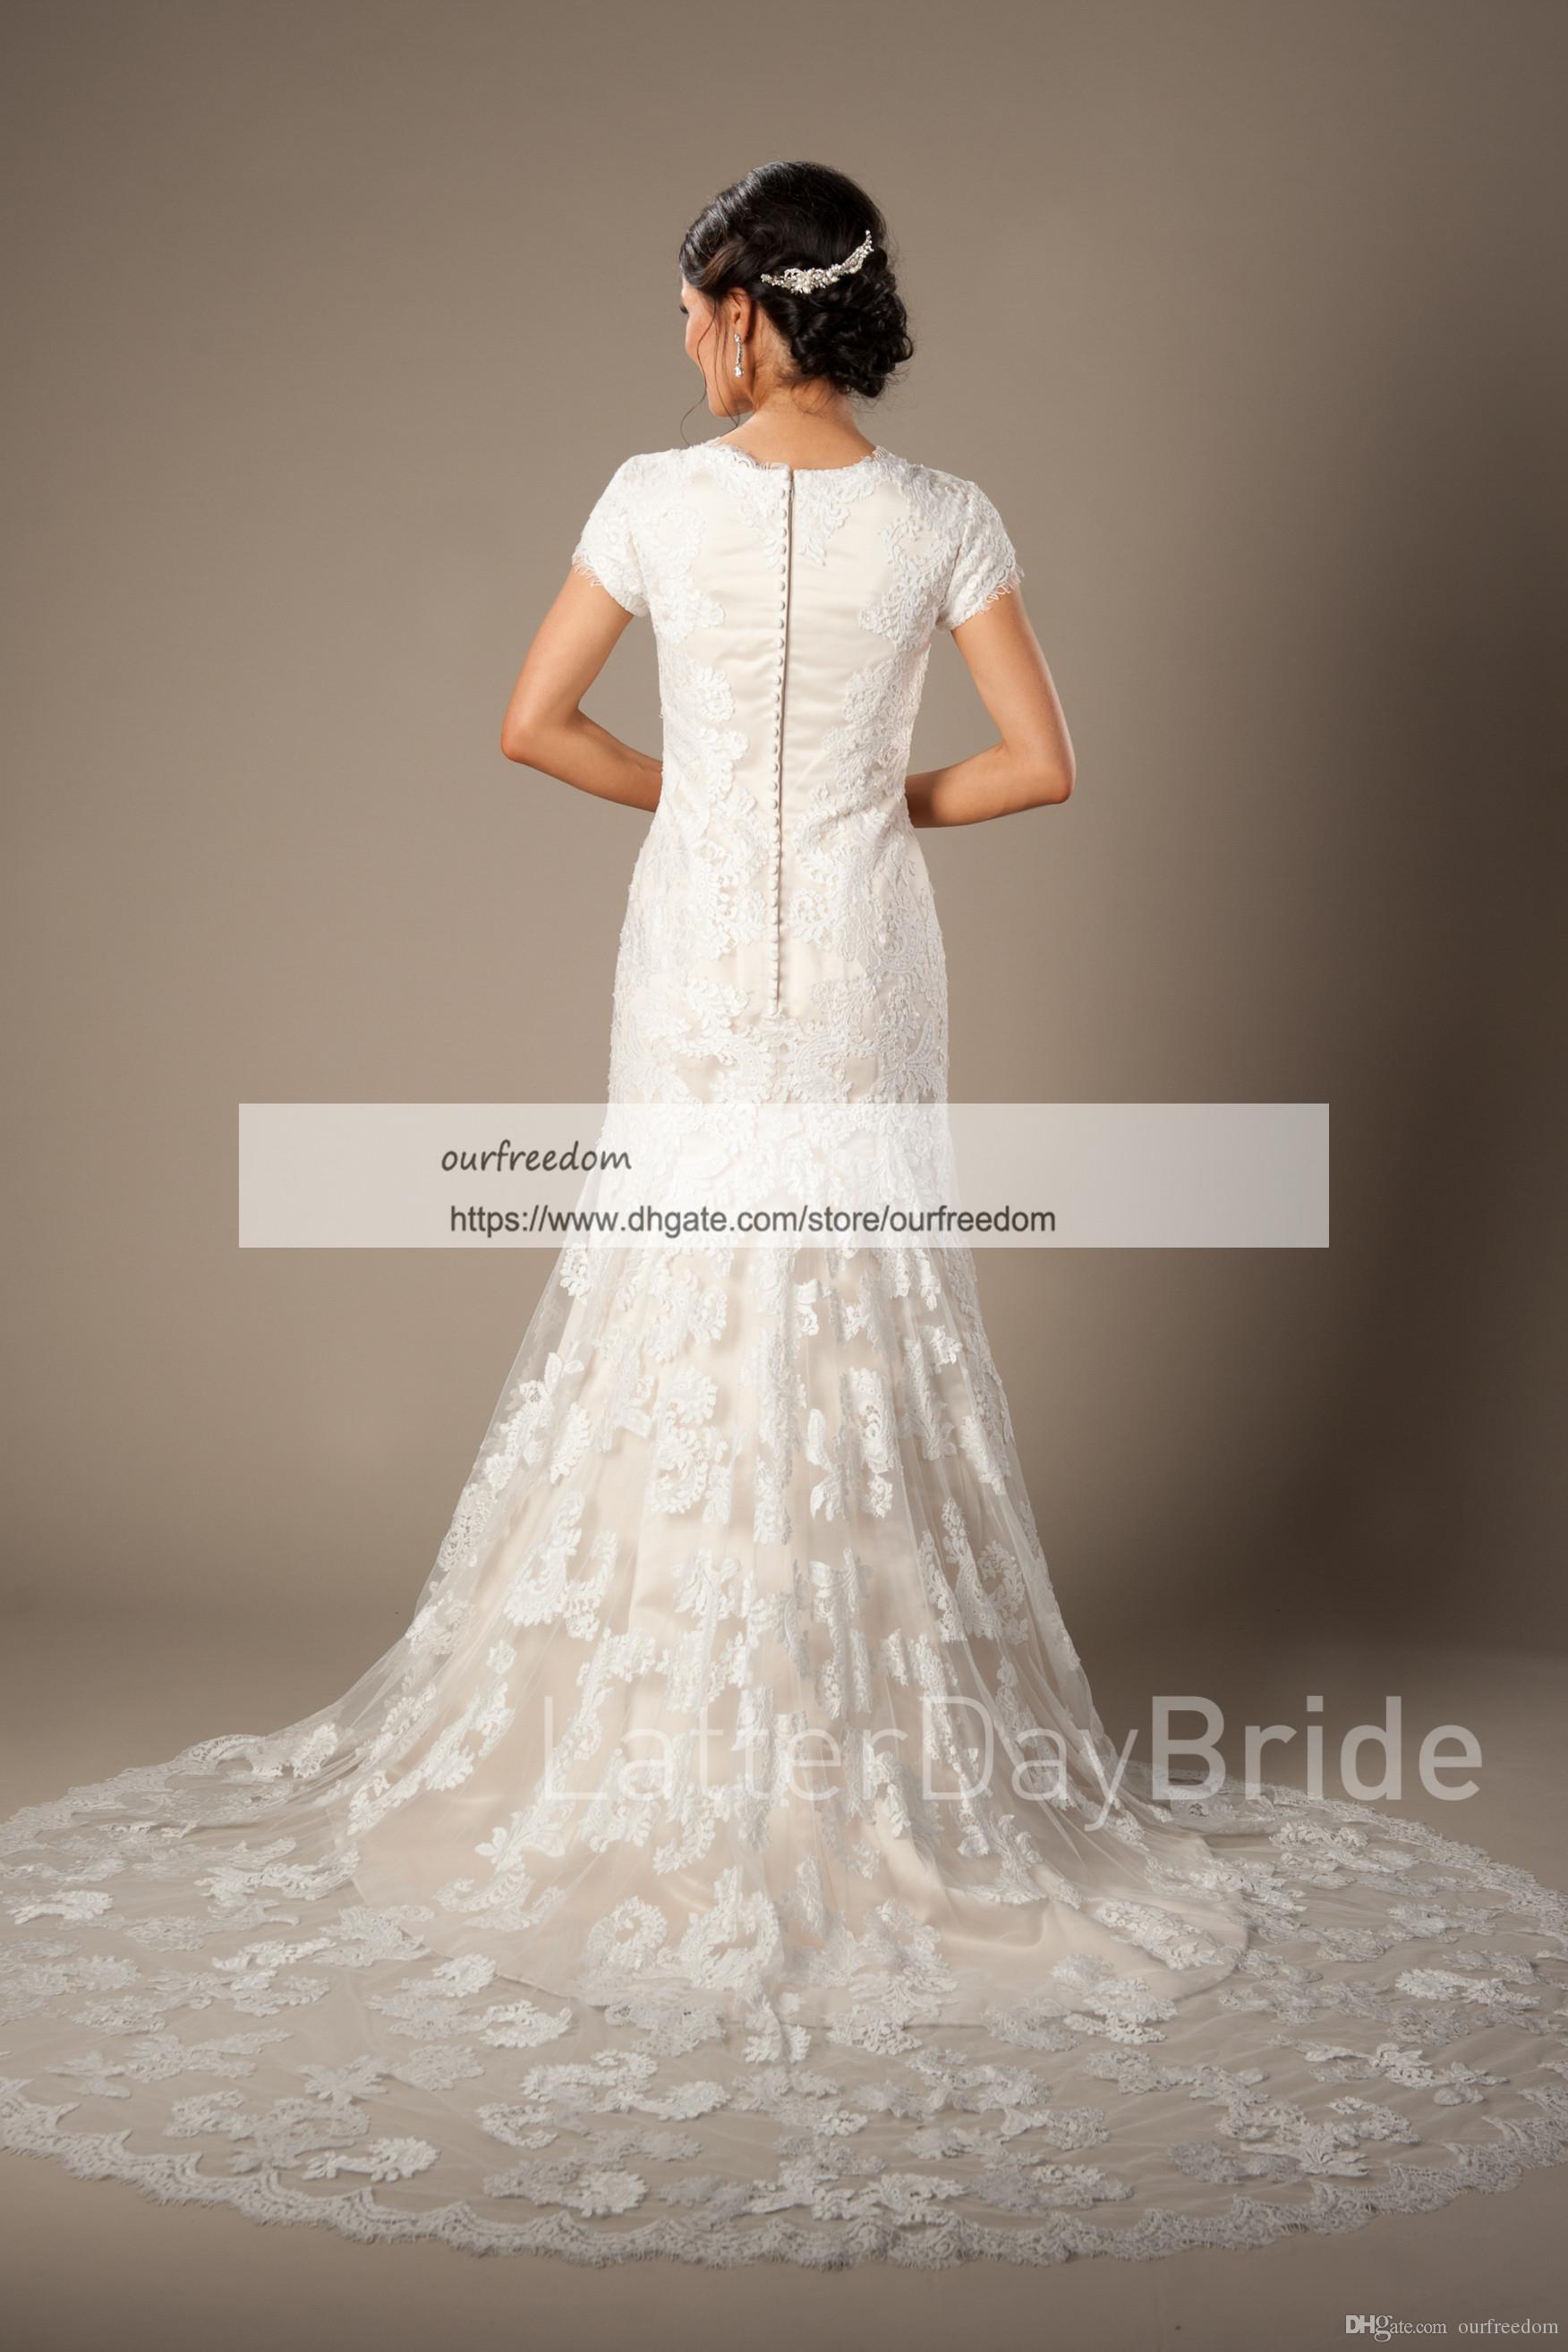 2019 vestidos de boda modestos del cuello de la joya barata con los apliques de la sirena de la manga corta vestido al aire libre rústico del estilo nupcial por encargo tren del barrido